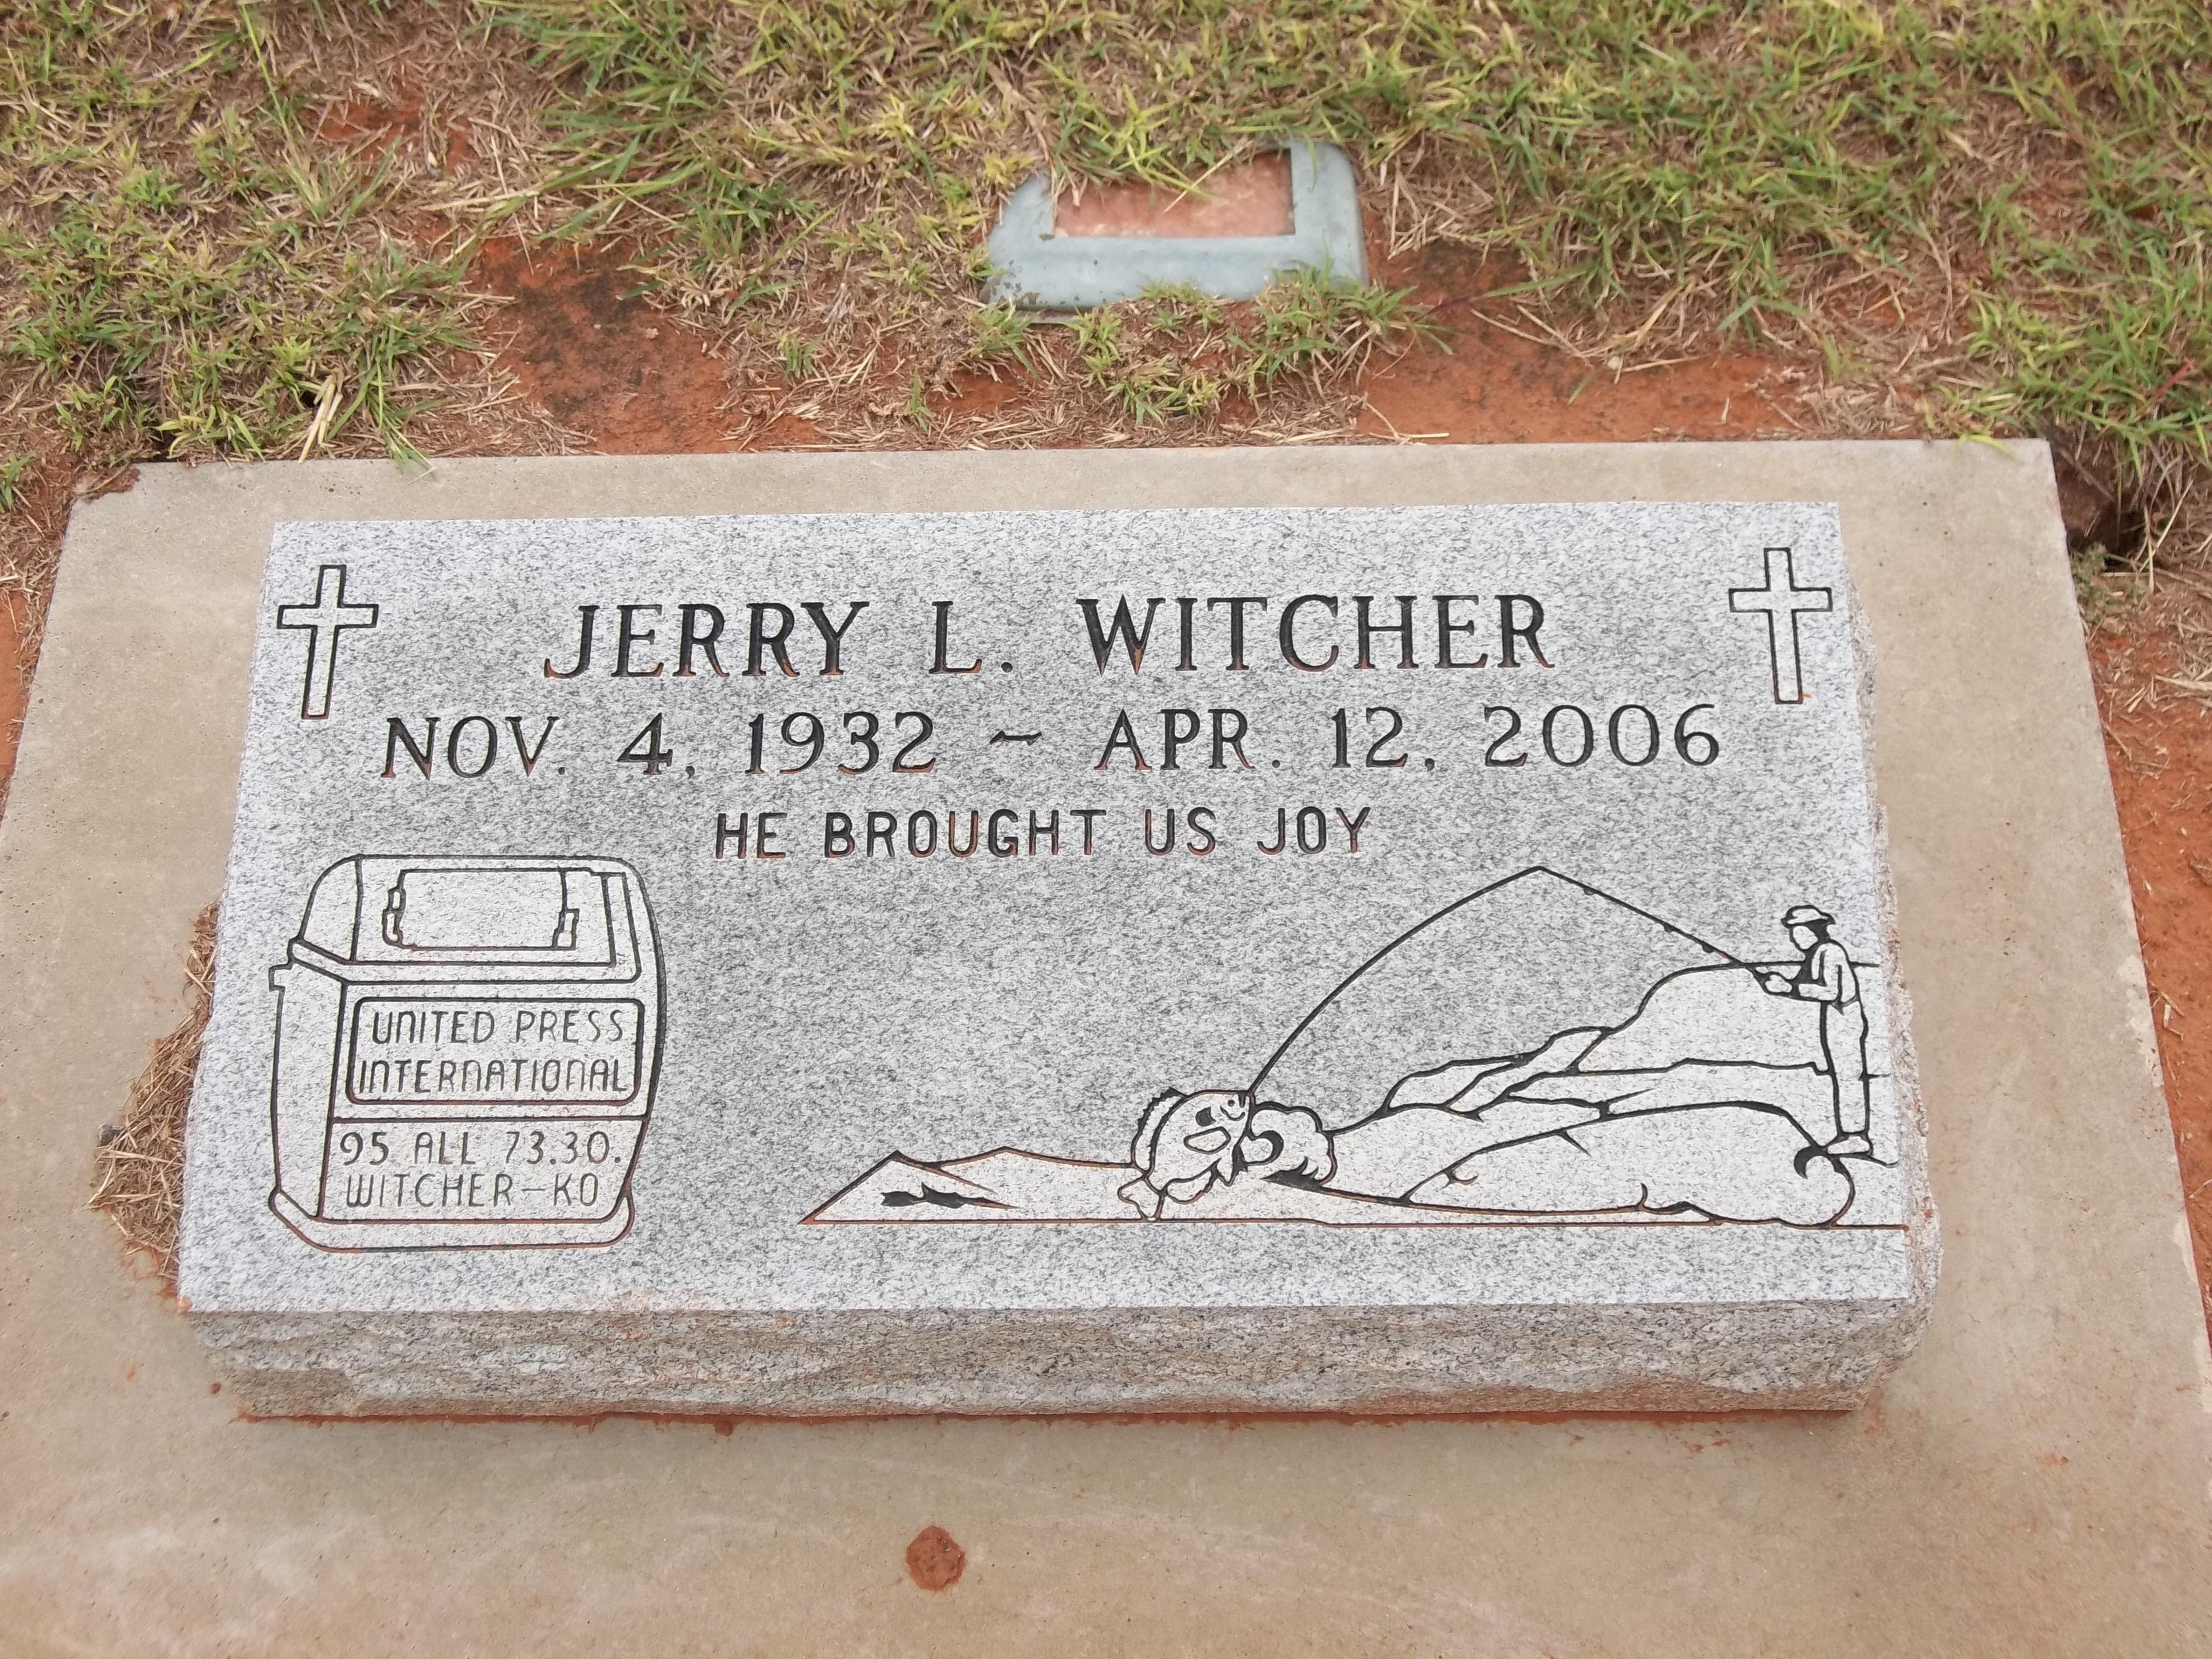 Jerry Witcher